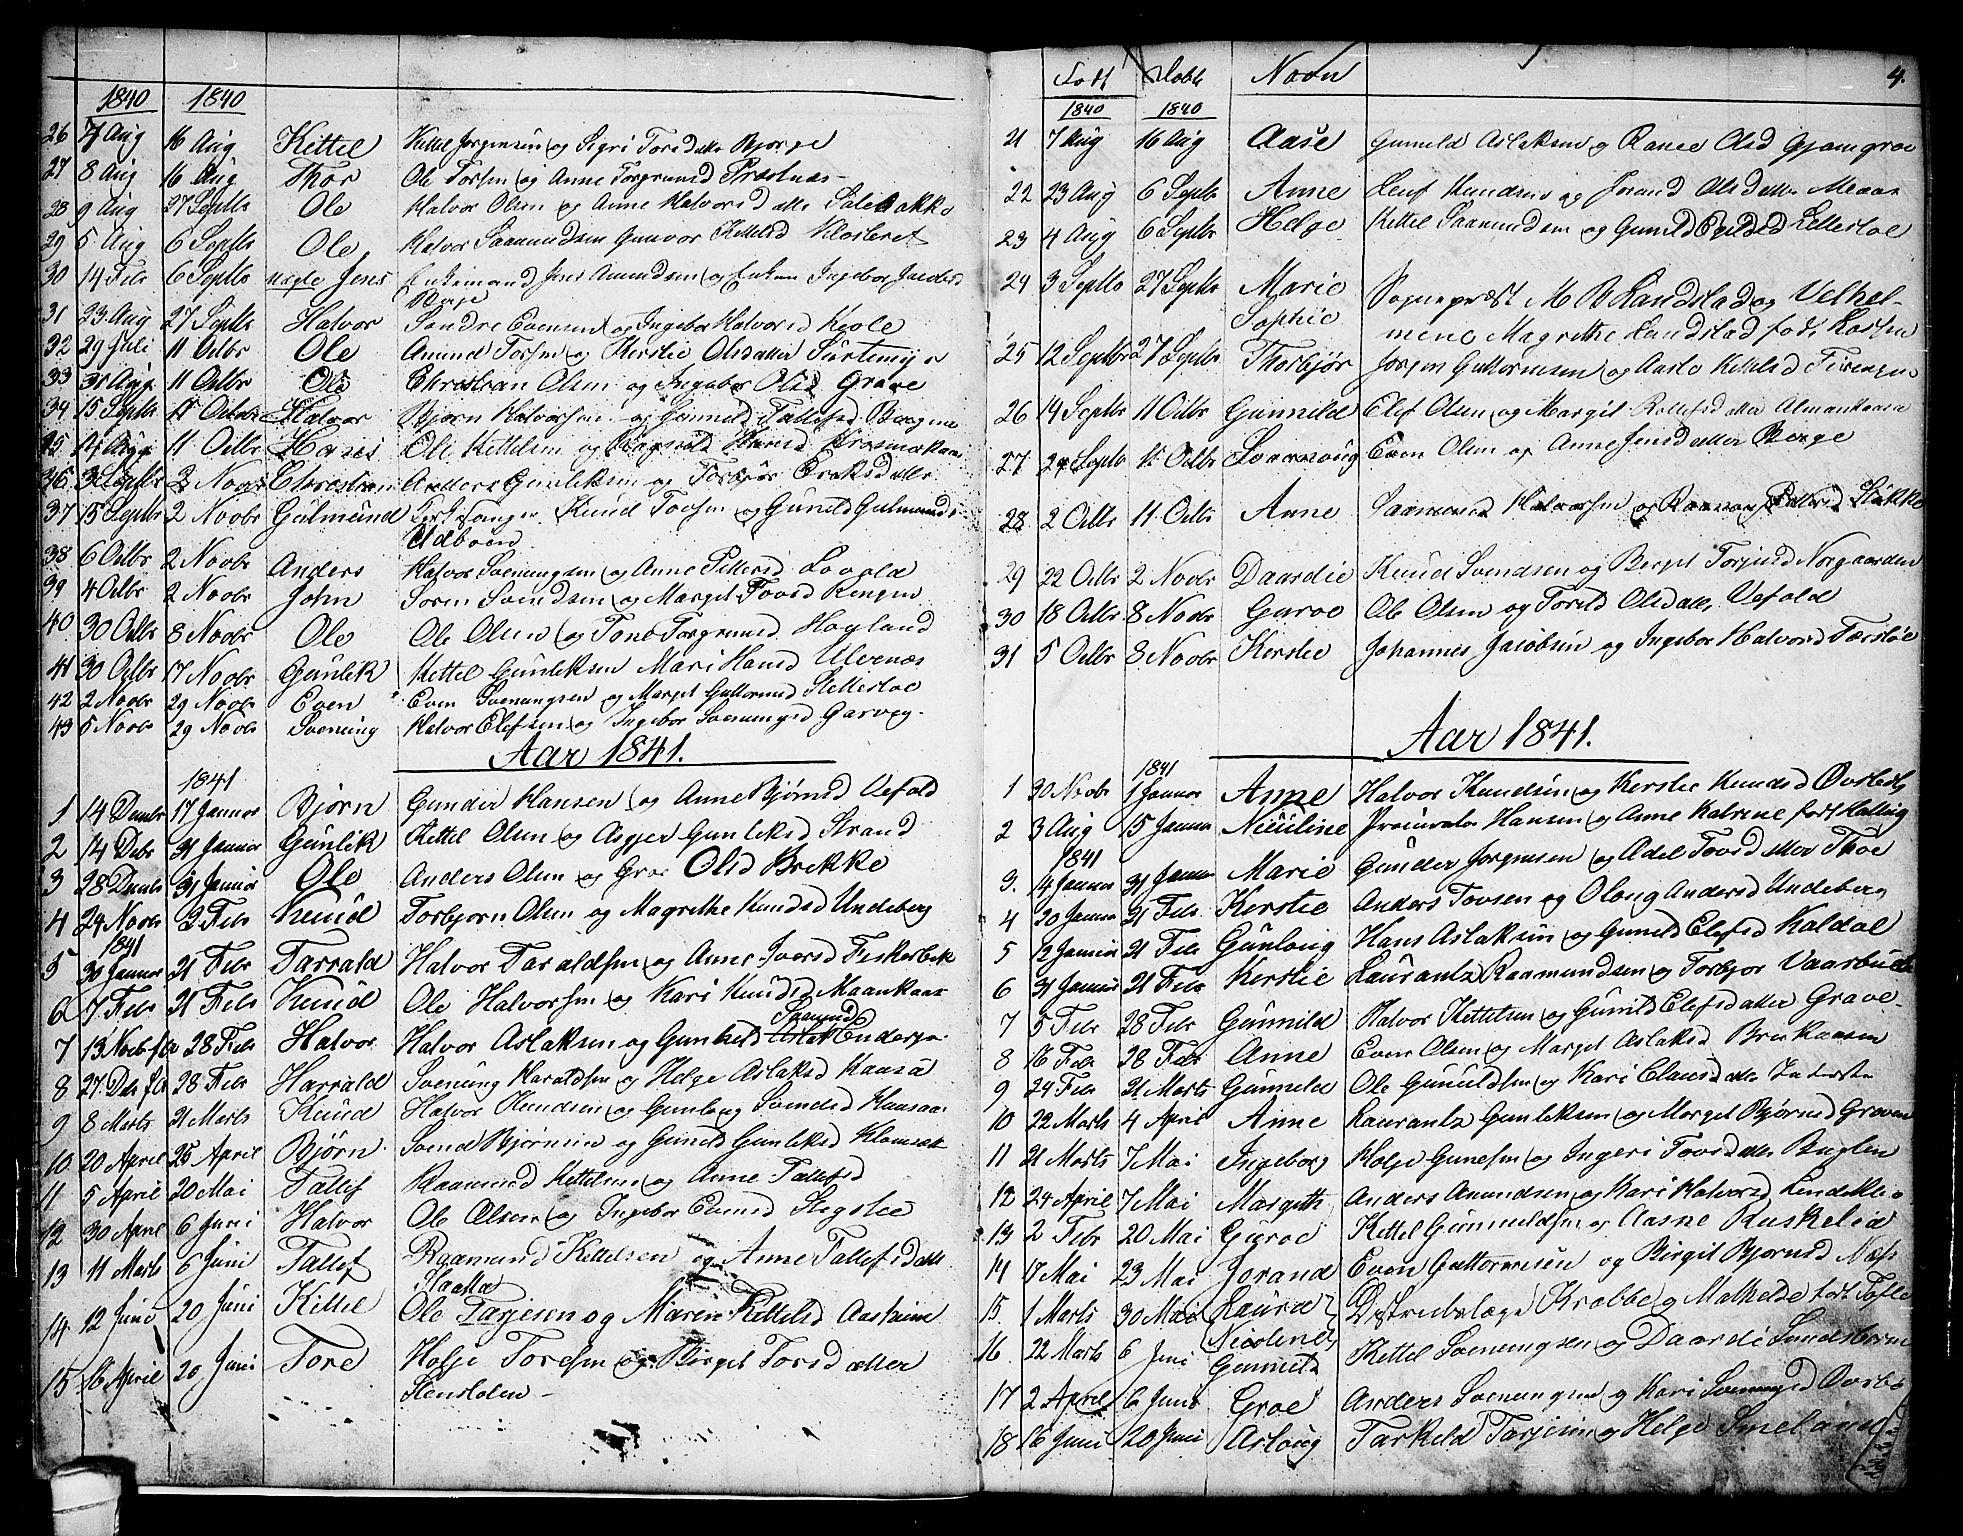 SAKO, Seljord kirkebøker, G/Ga/L0002: Klokkerbok nr. I 2, 1838-1866, s. 4